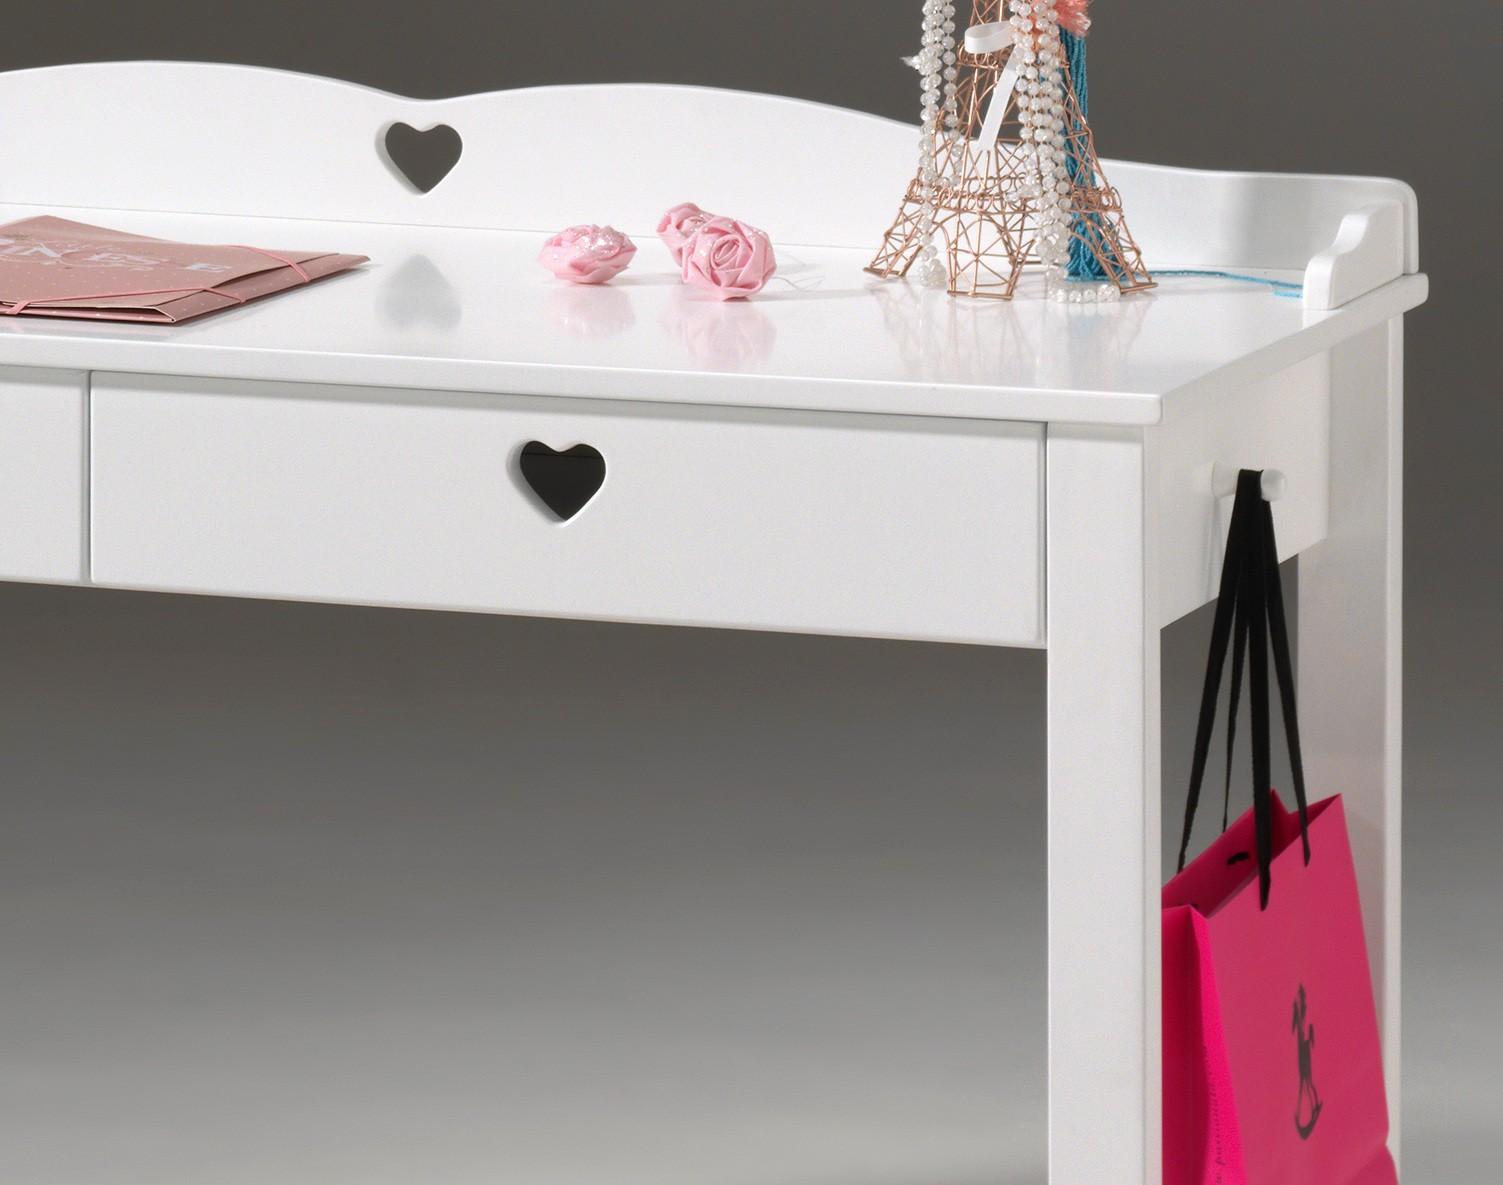 neu schreibtisch amori m dchen schreibtisch kinderschreibtisch schubladen weiss ebay. Black Bedroom Furniture Sets. Home Design Ideas